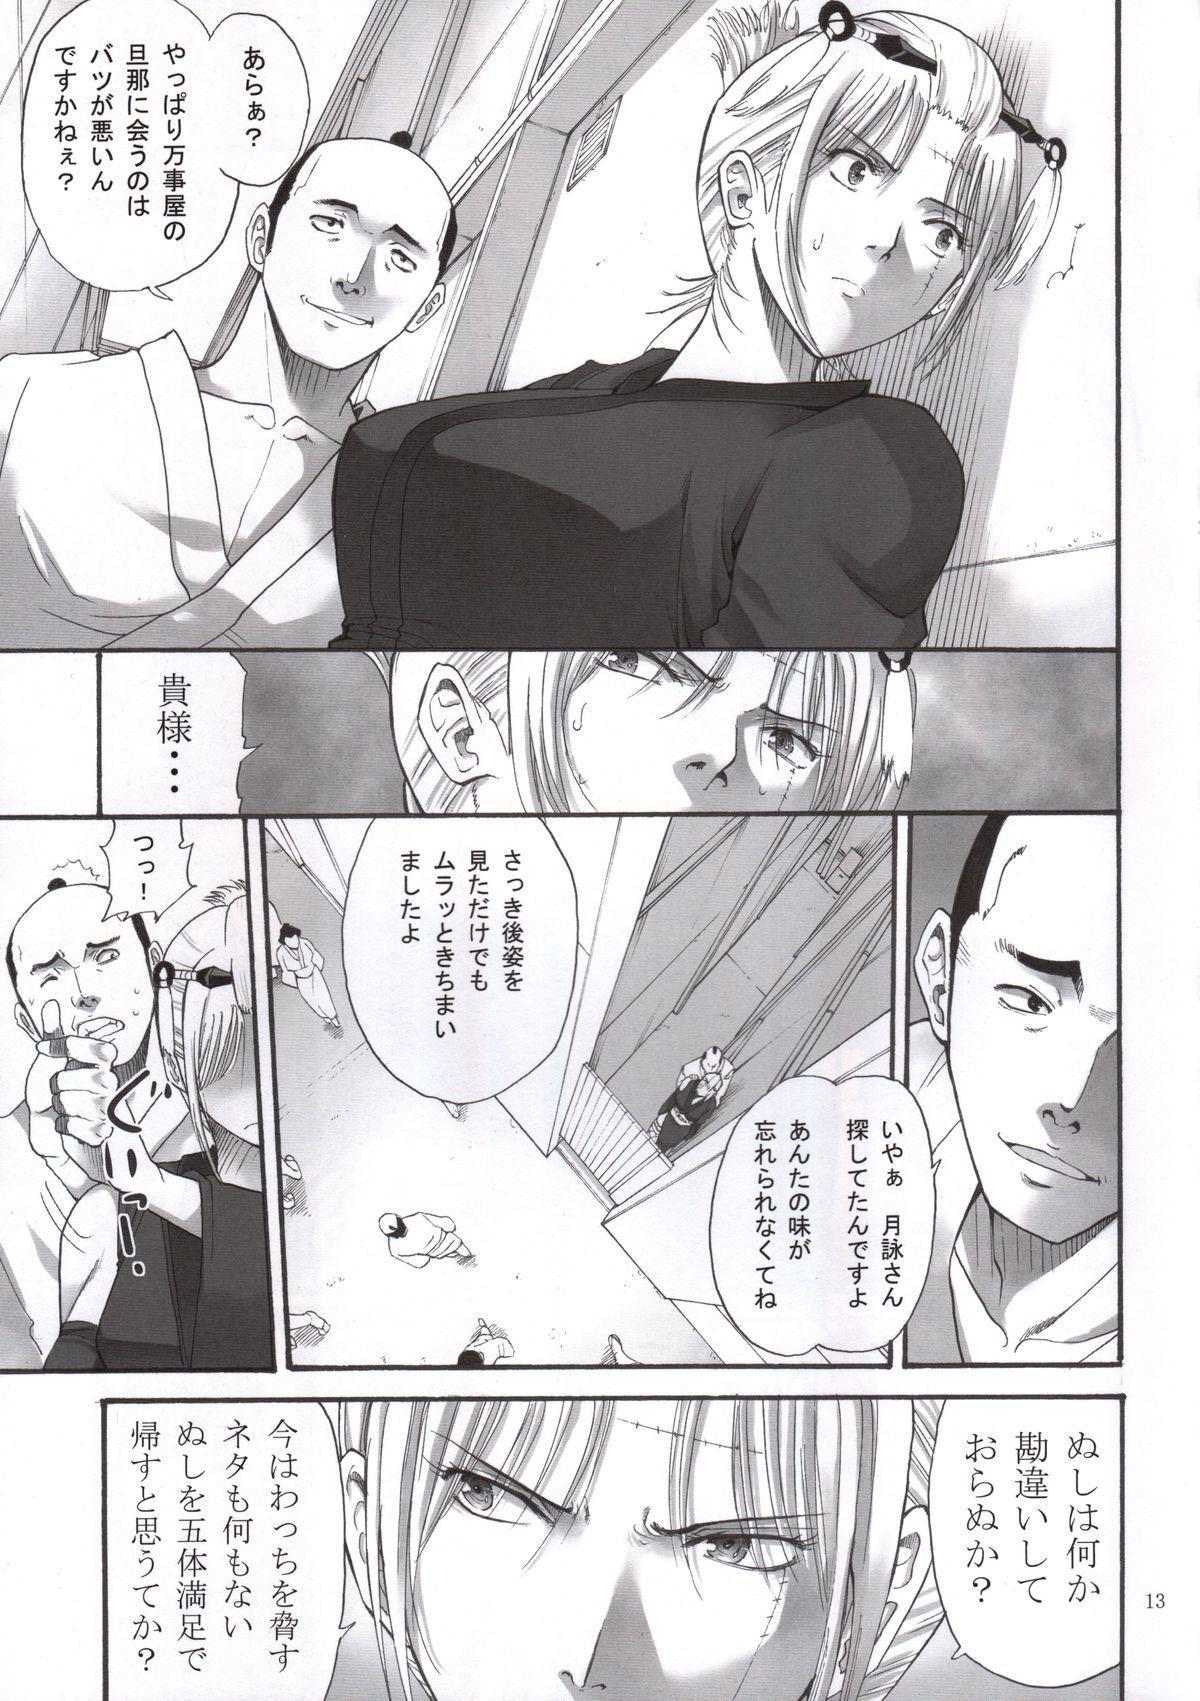 Tsukuyo-san ga Iyarashii Koto o Sarete shimau Hanashi 2 11